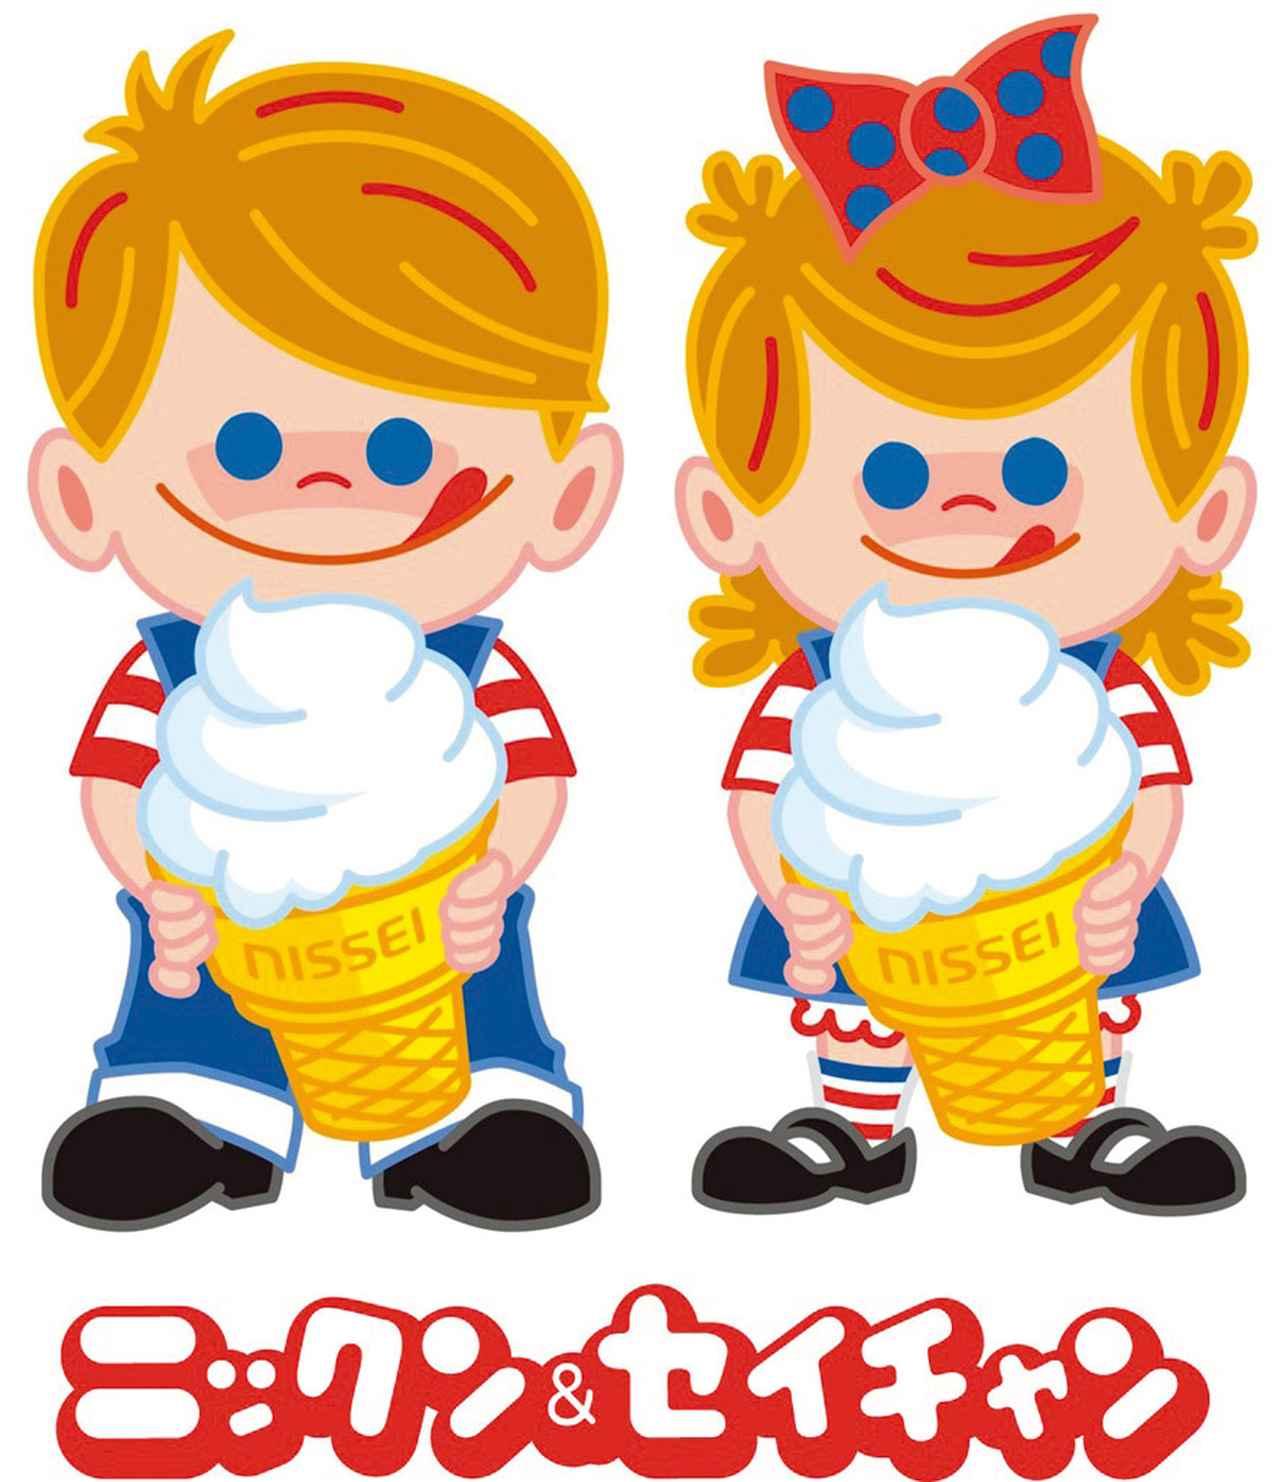 画像: ソフトクリーム販売の店頭でよく見かけるおなじみの日世のキャラクター。名前は「ニックン&セイチャン」。